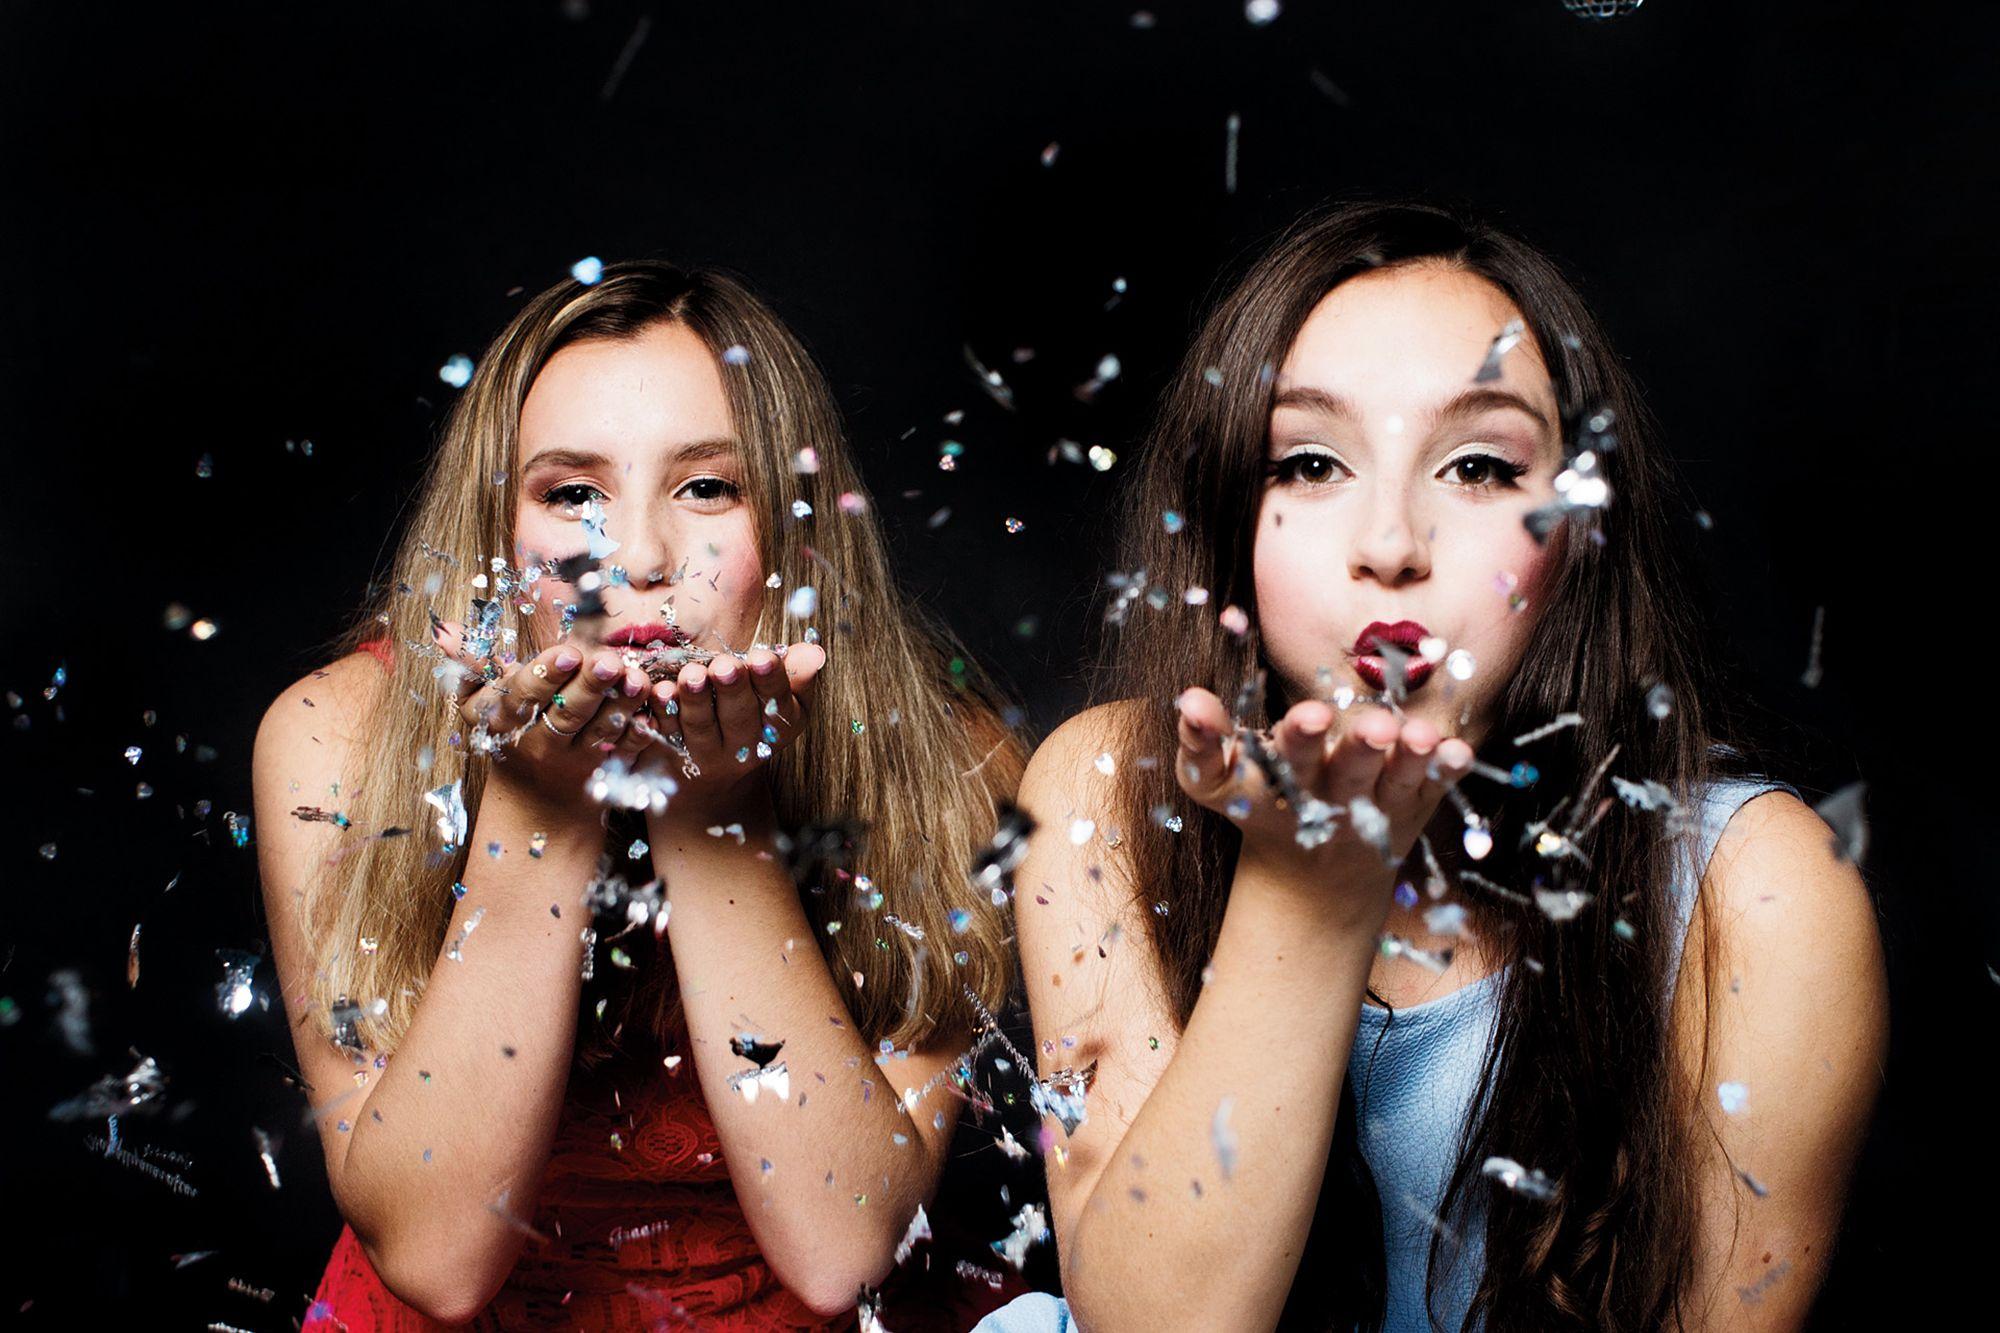 Legal age teenager teen s three way